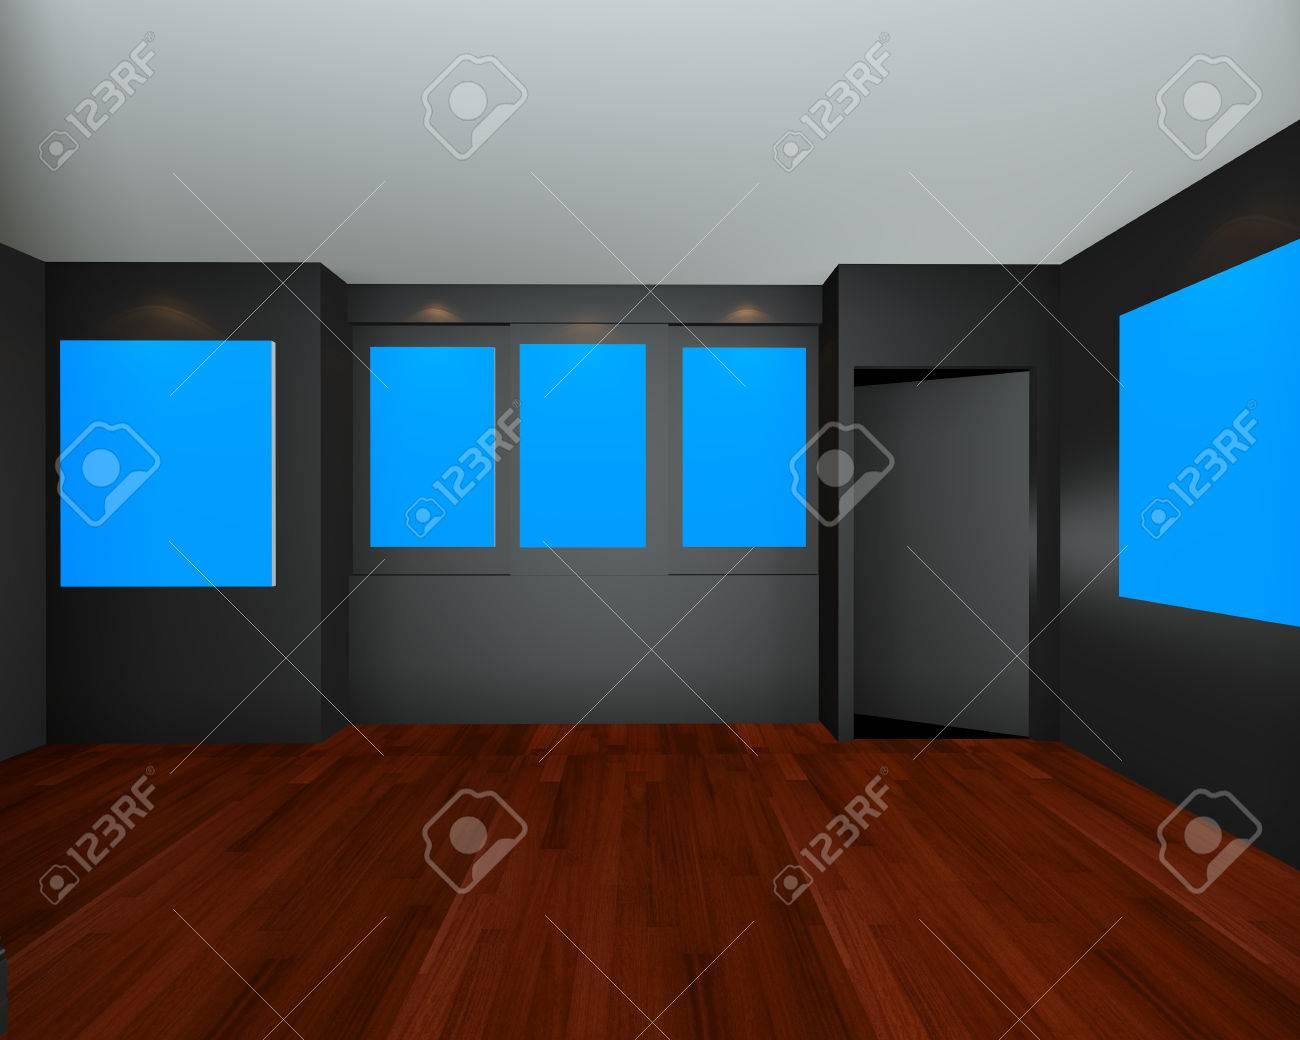 Habitación Vacía Galería De Arte Interior Con Marco Azul De La Lona ...